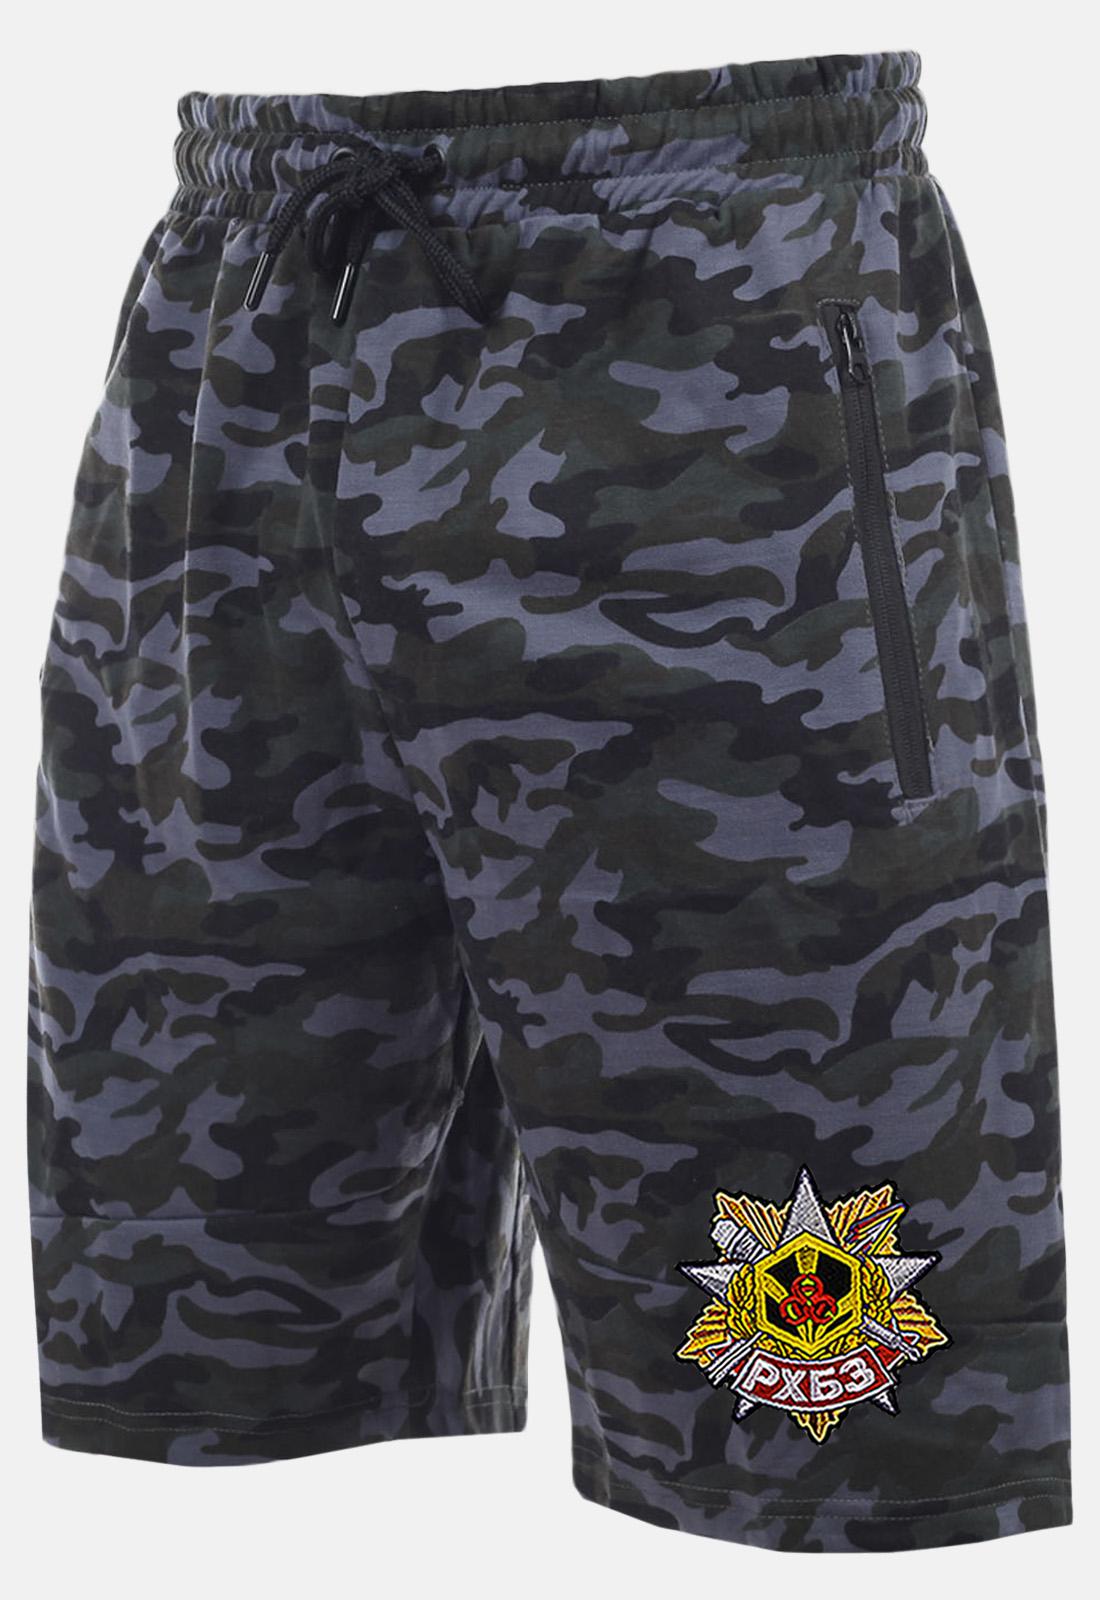 Темные камуфляжные шорты с карманами  нашивкой РХБЗ